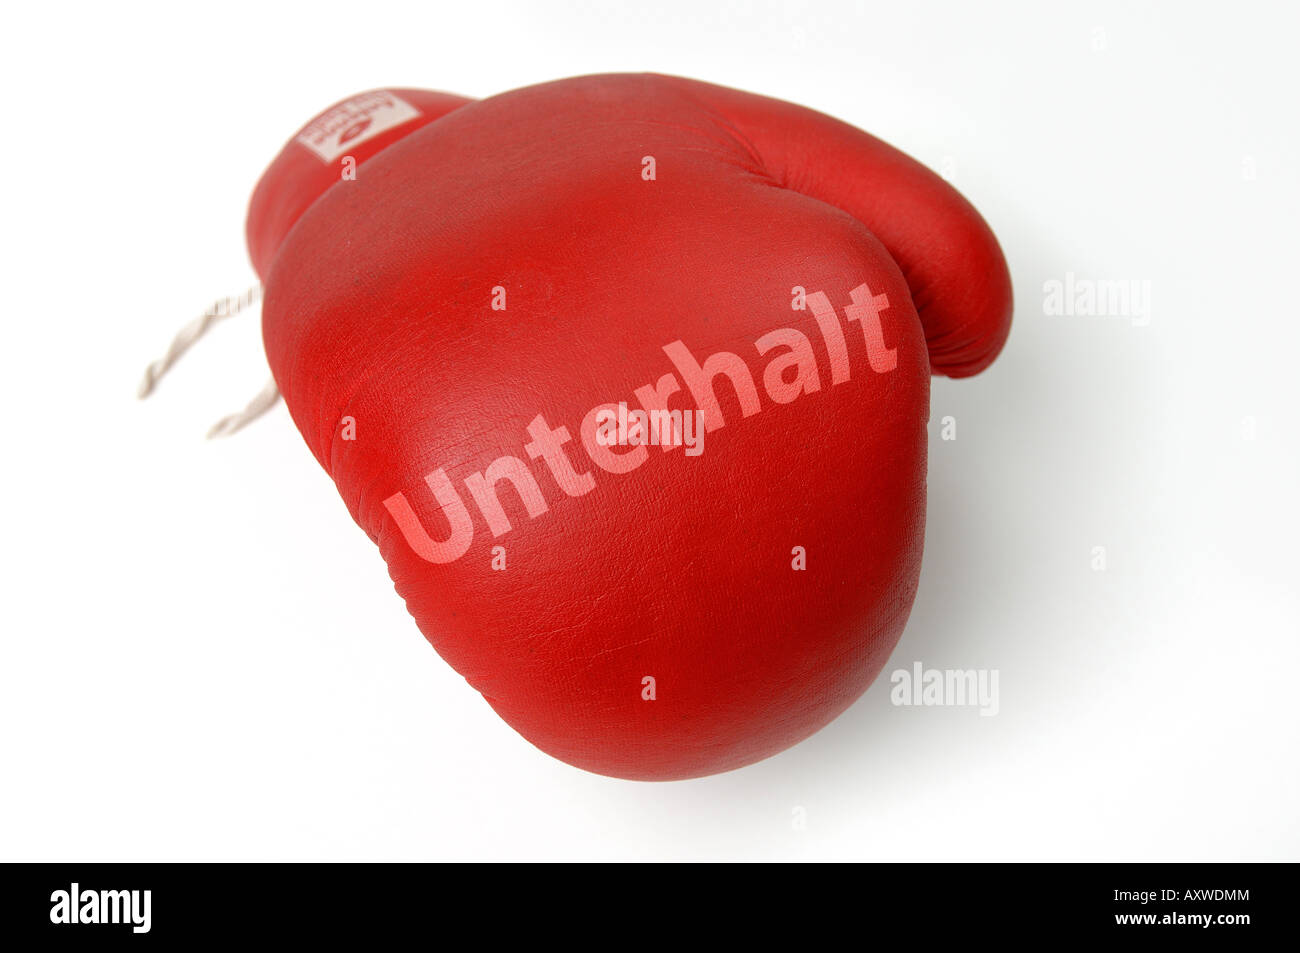 Red guanto di boxe con stampa di assegni alimentari Immagini Stock